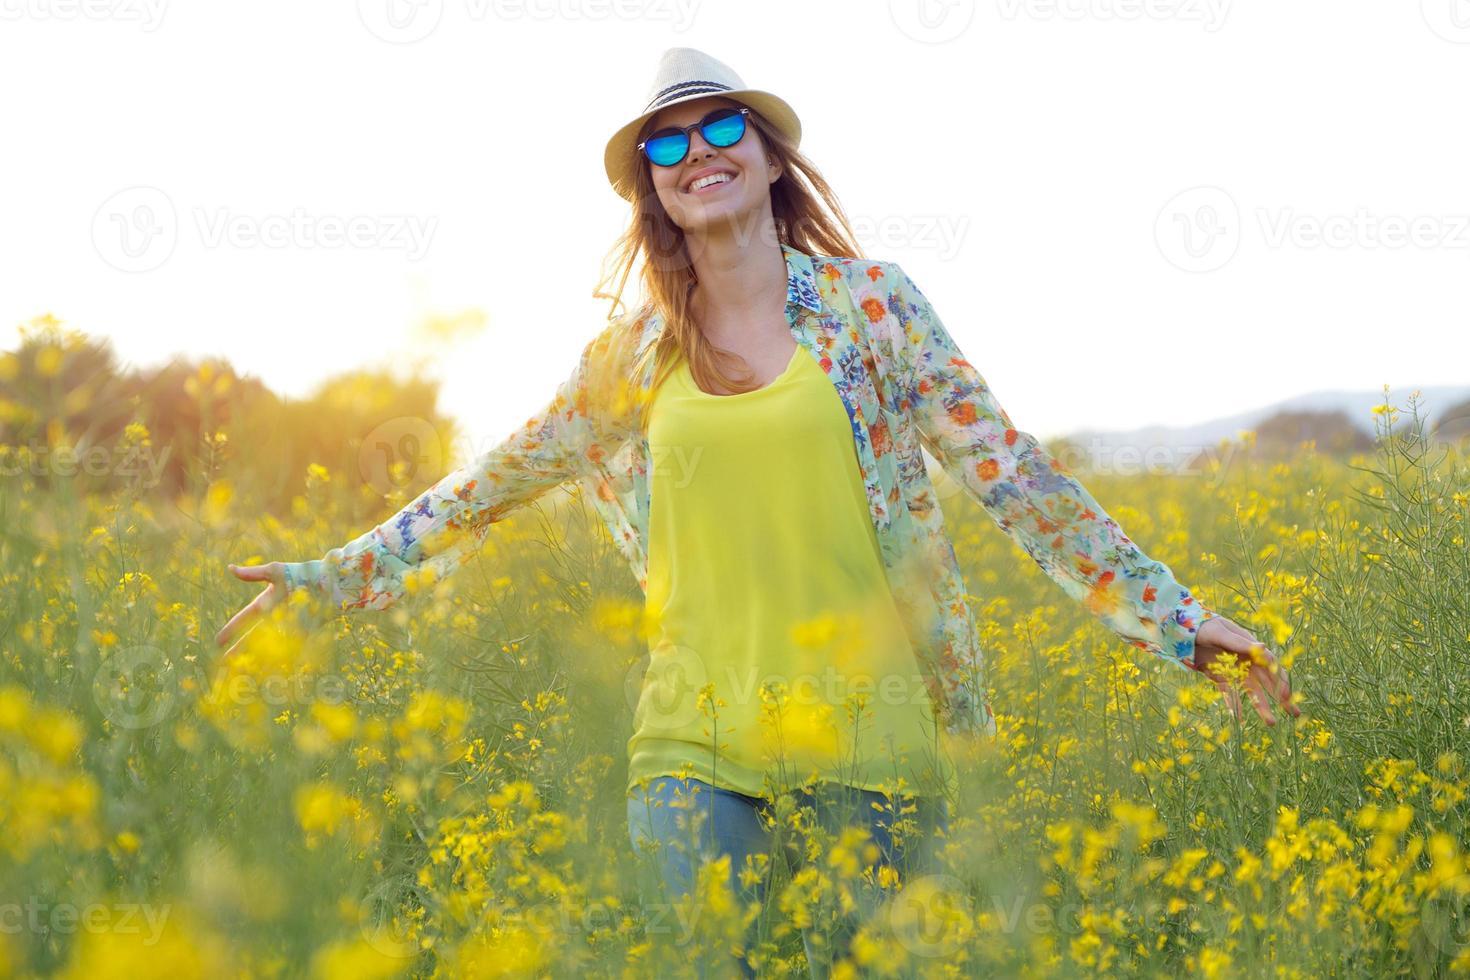 mulher jovem e bonita aproveitando o verão em um campo. foto